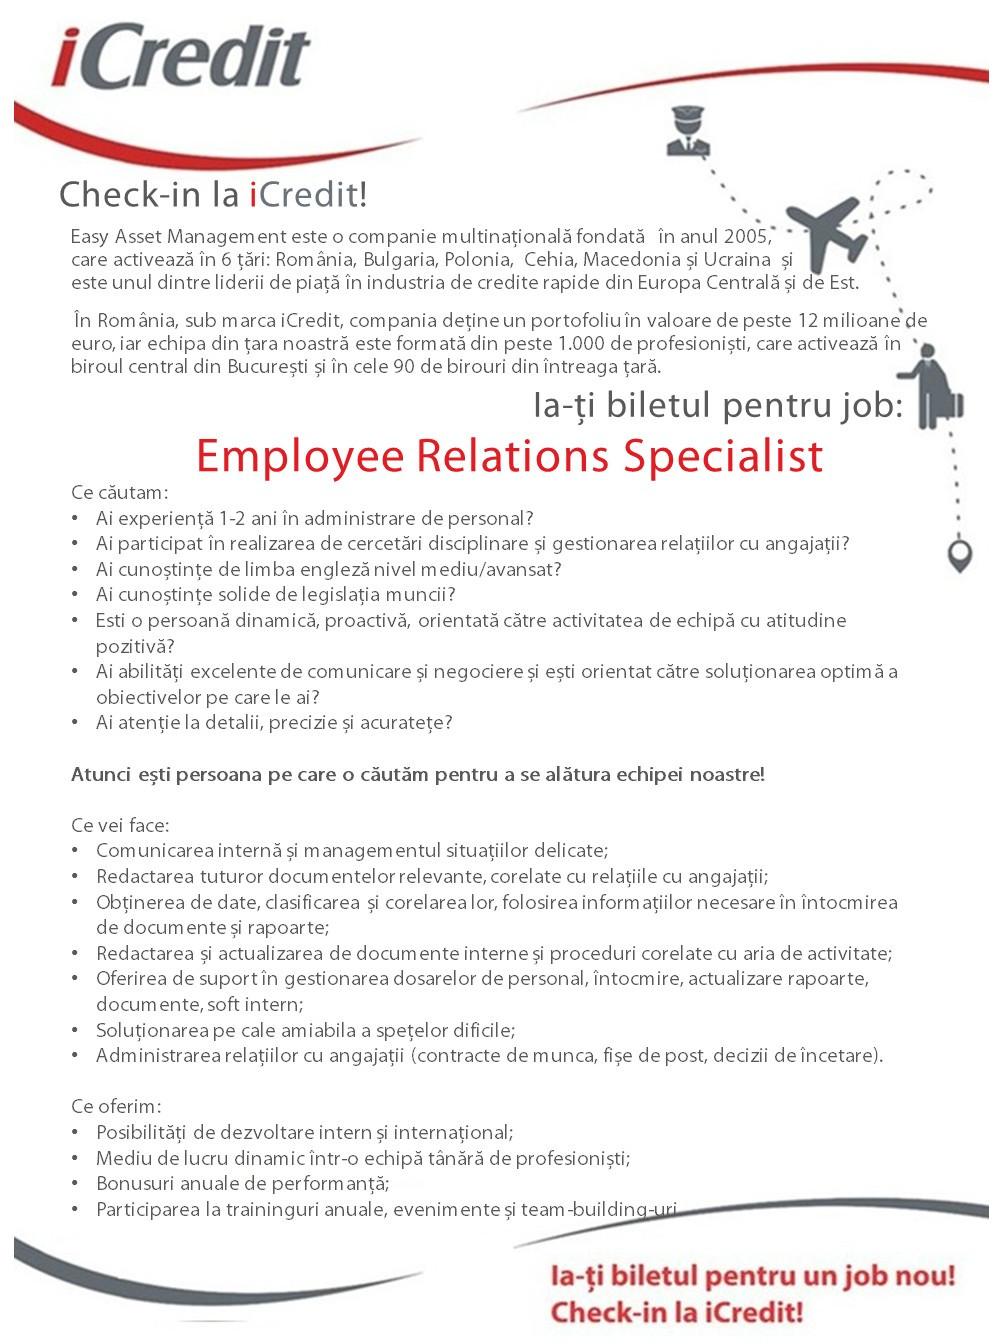 JD HR Employee Specialist